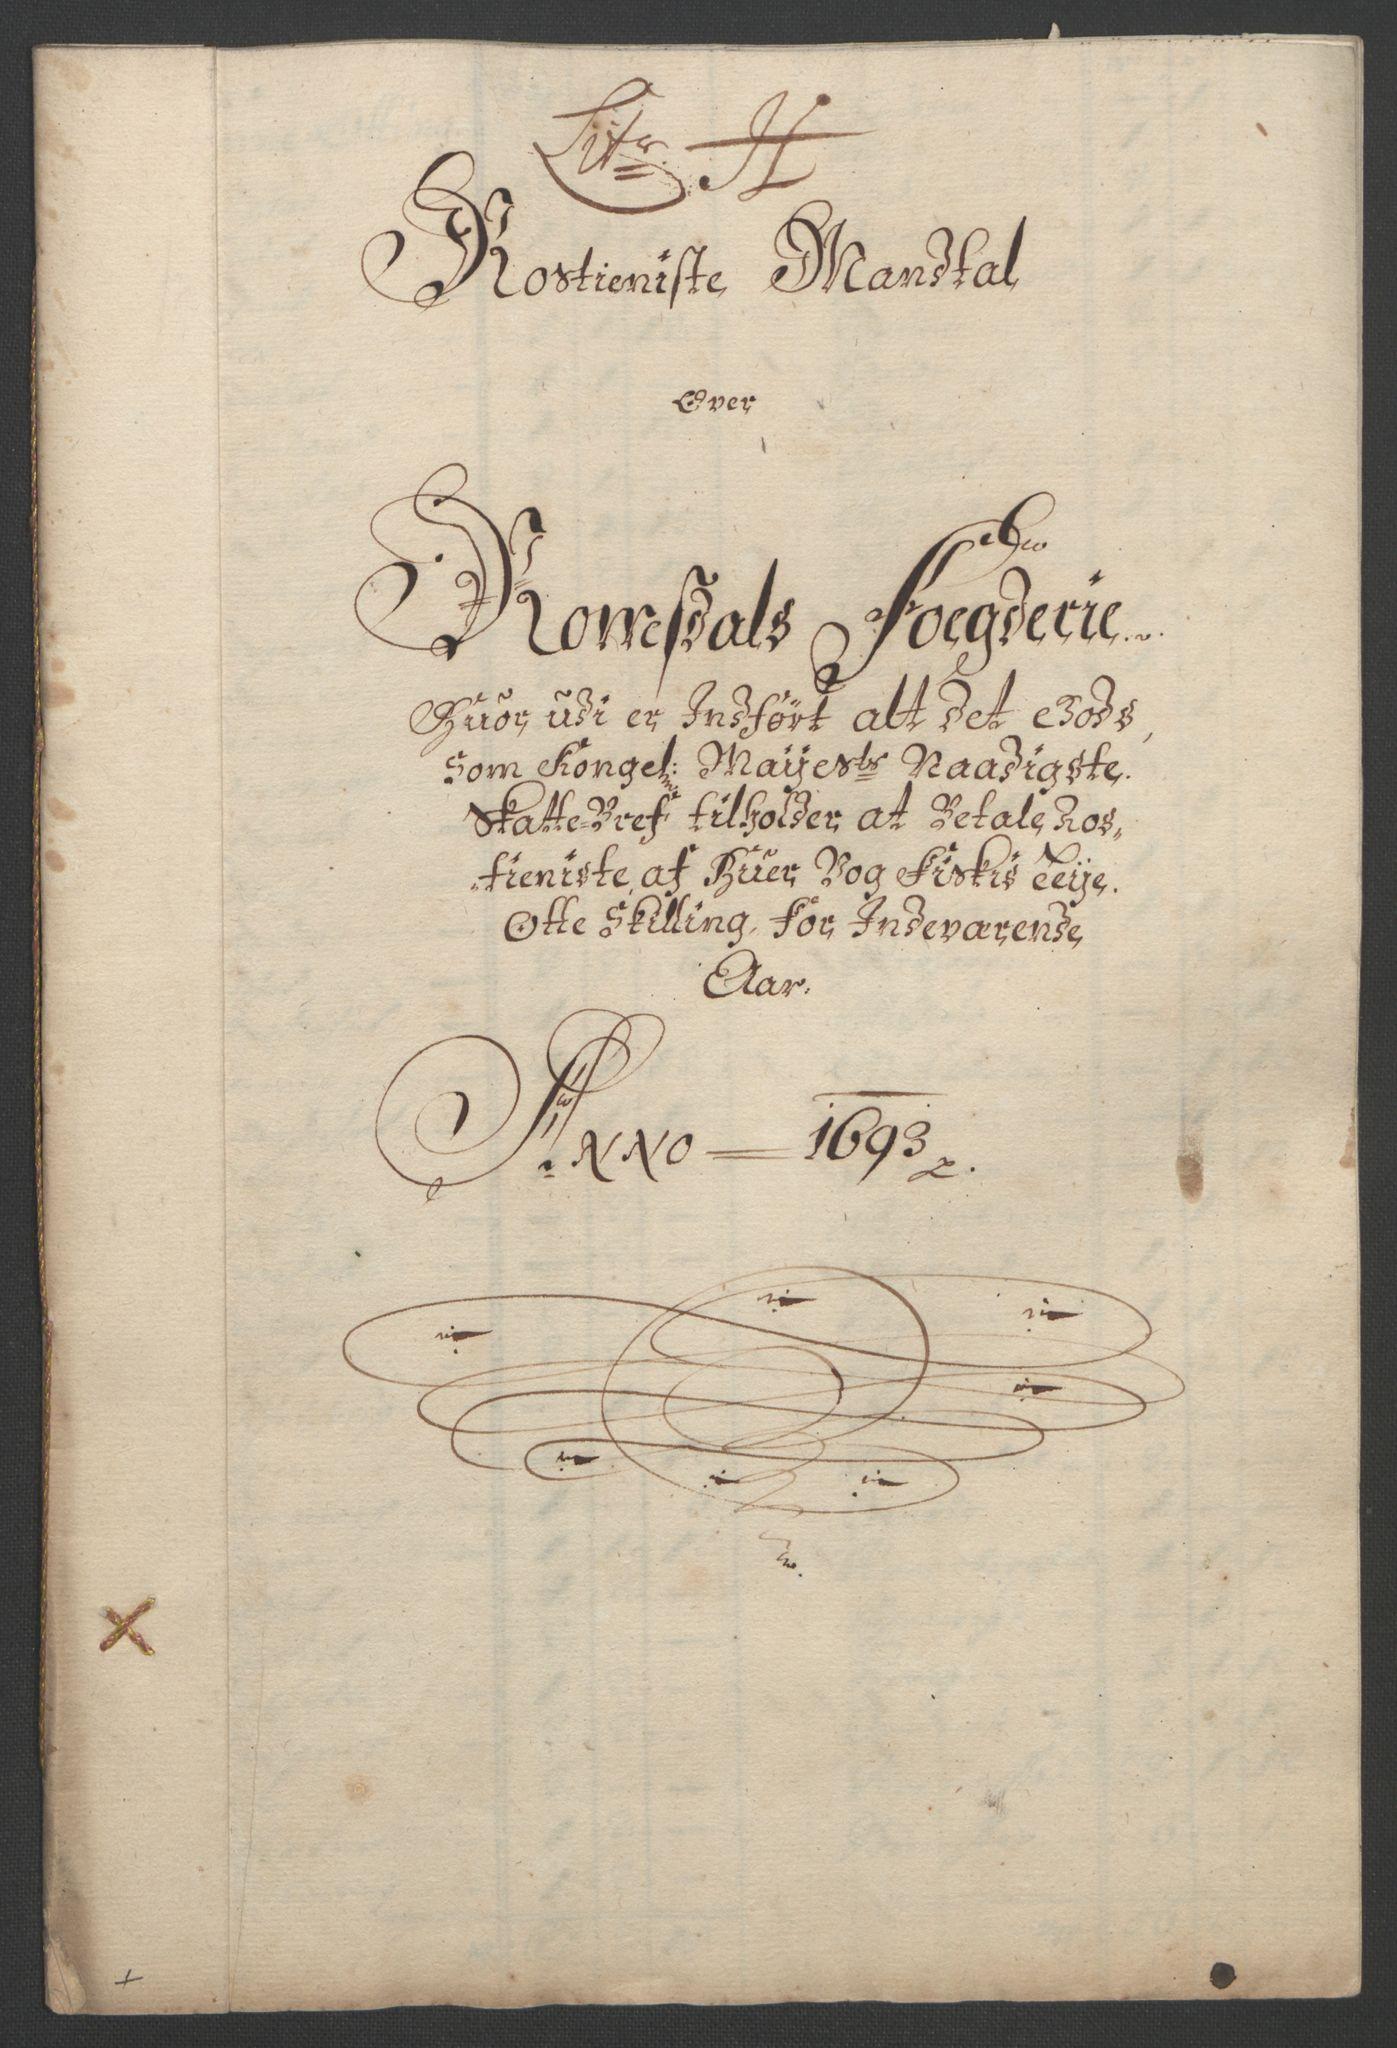 RA, Rentekammeret inntil 1814, Reviderte regnskaper, Fogderegnskap, R55/L3651: Fogderegnskap Romsdal, 1693-1694, s. 93